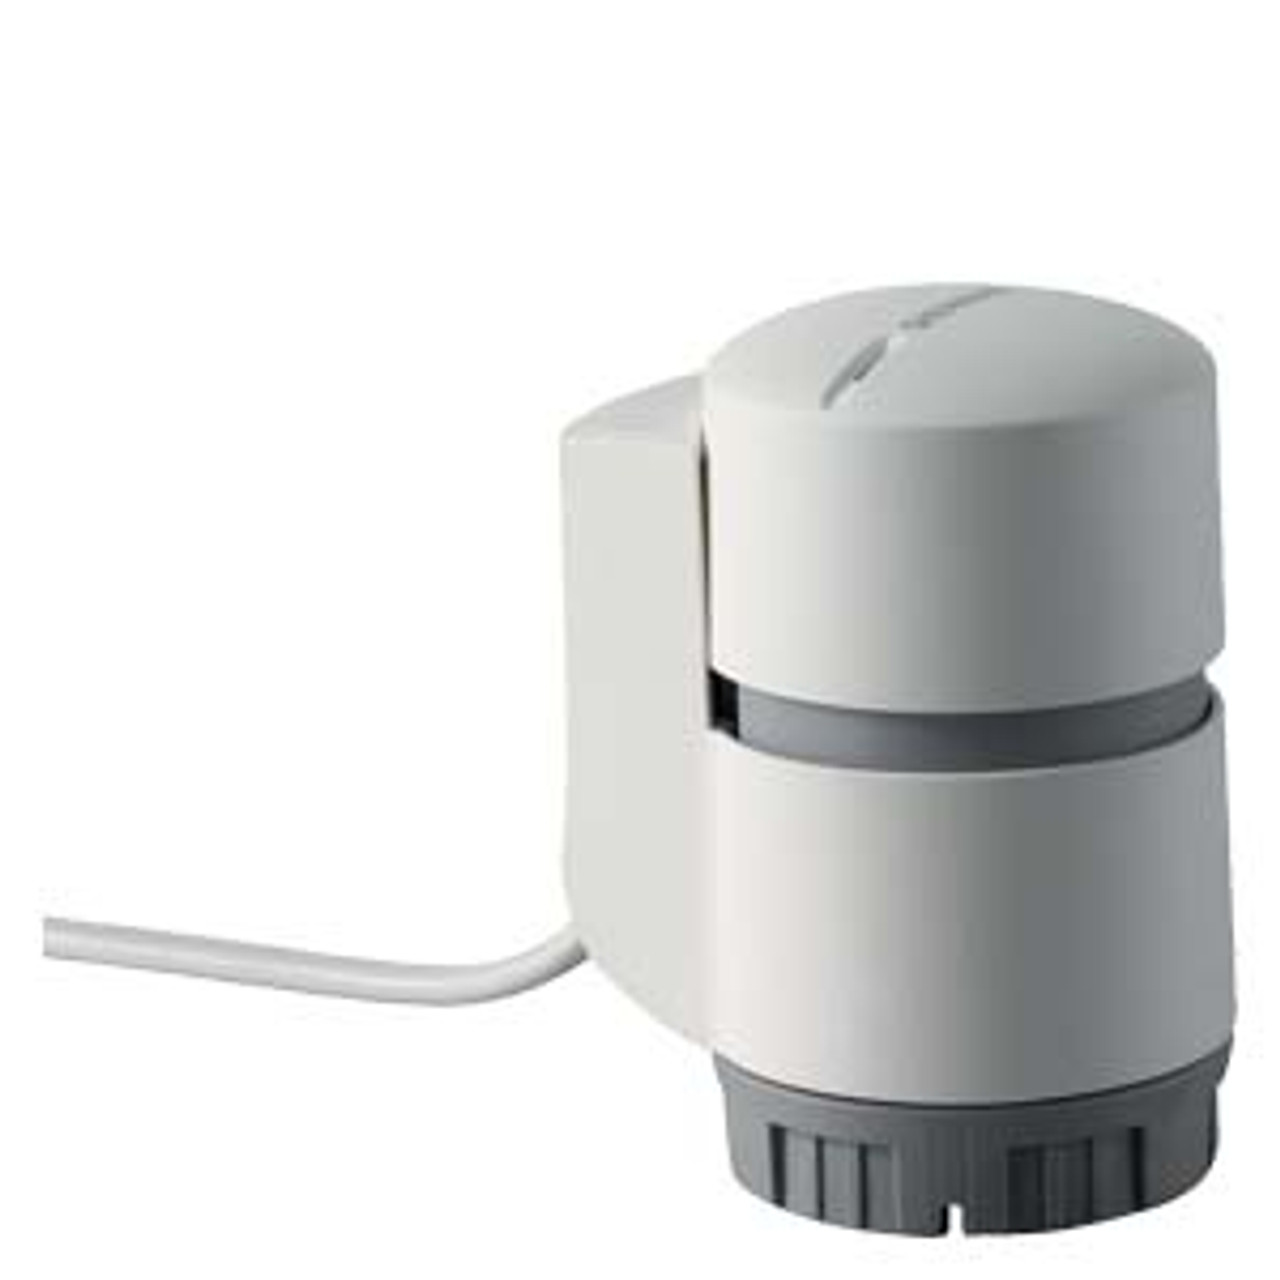 Siemens STP73 actuator